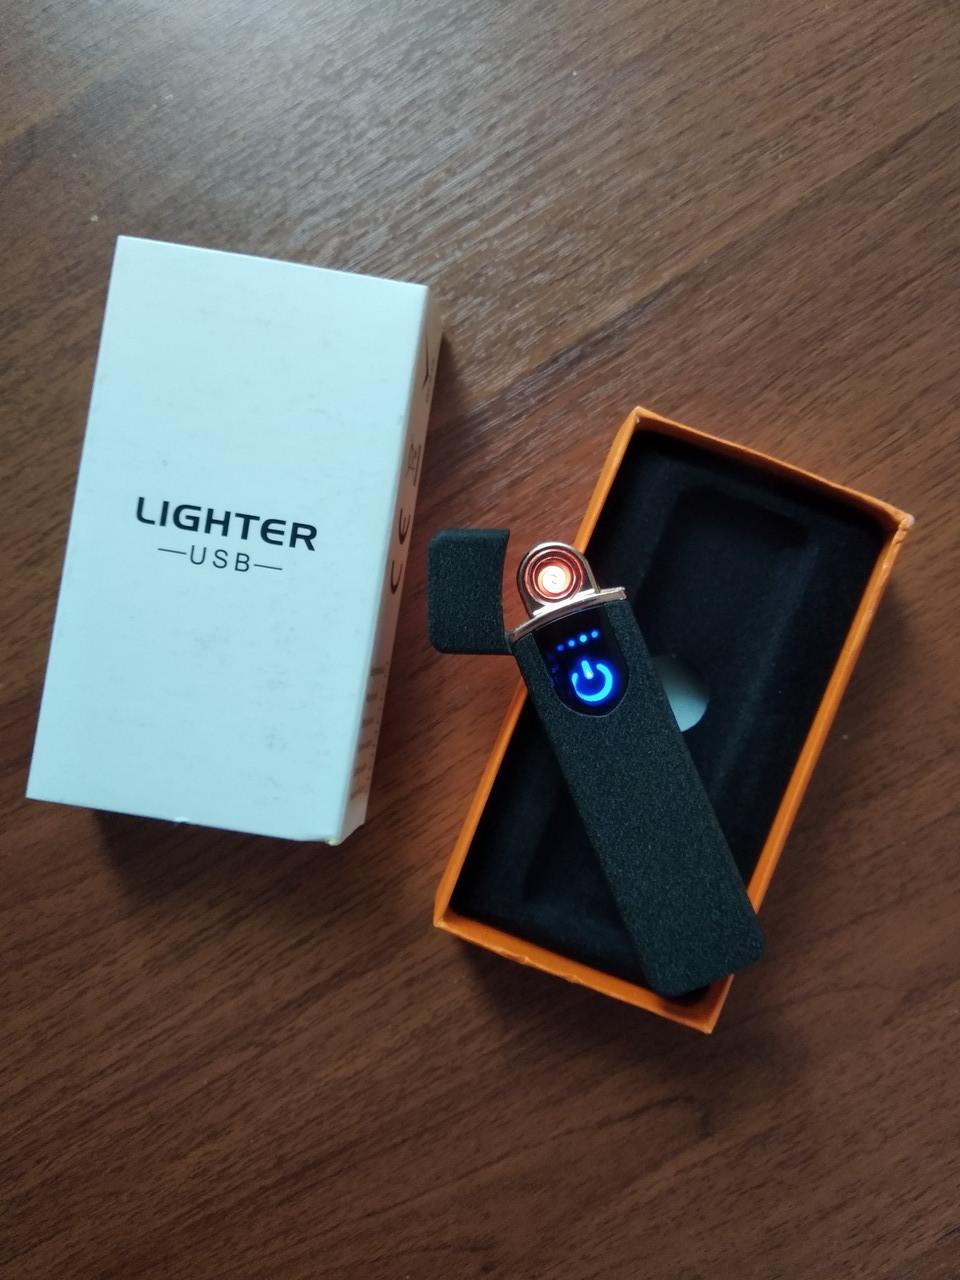 Сенсорная USB зажигалка мощная Lighter